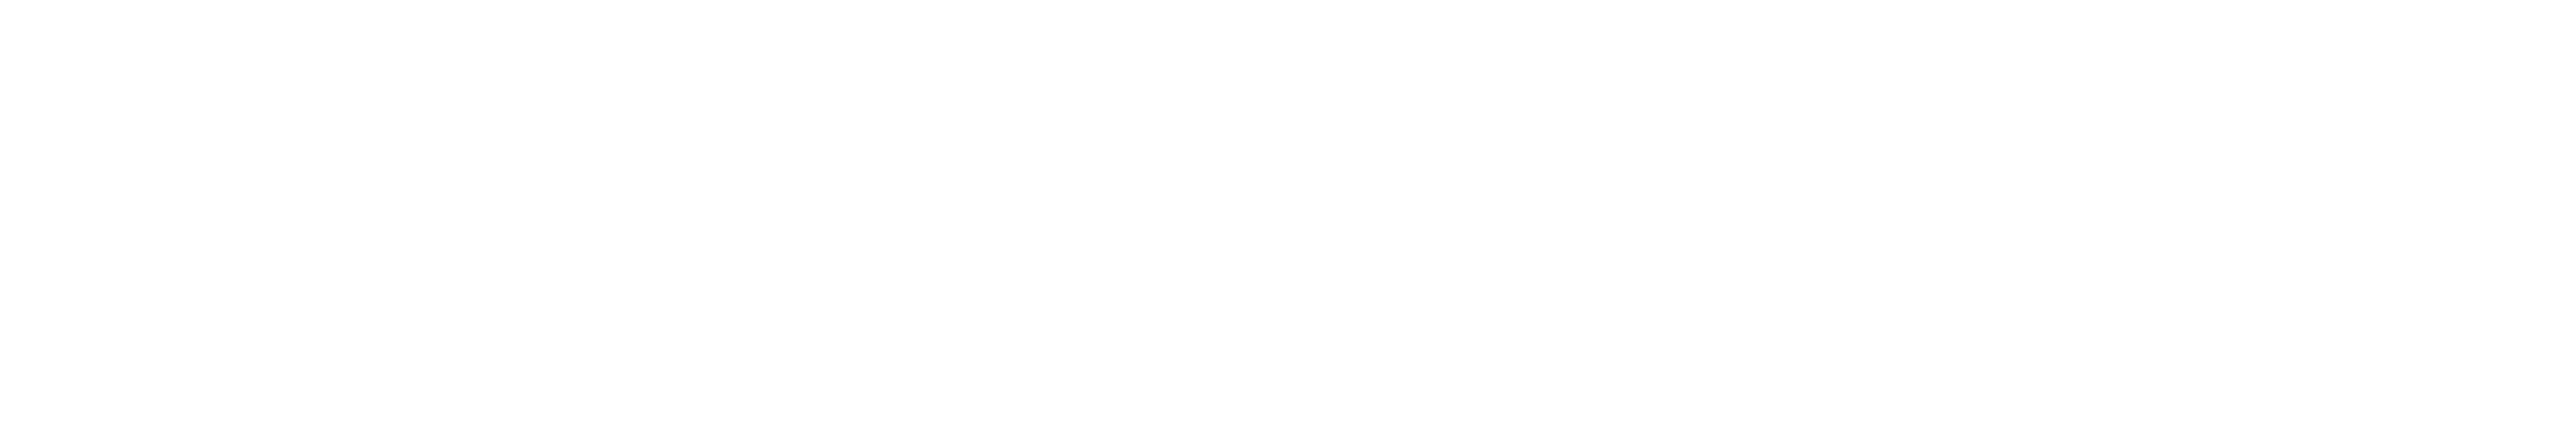 Classification Information Lavazza Italian Film Festival 2019